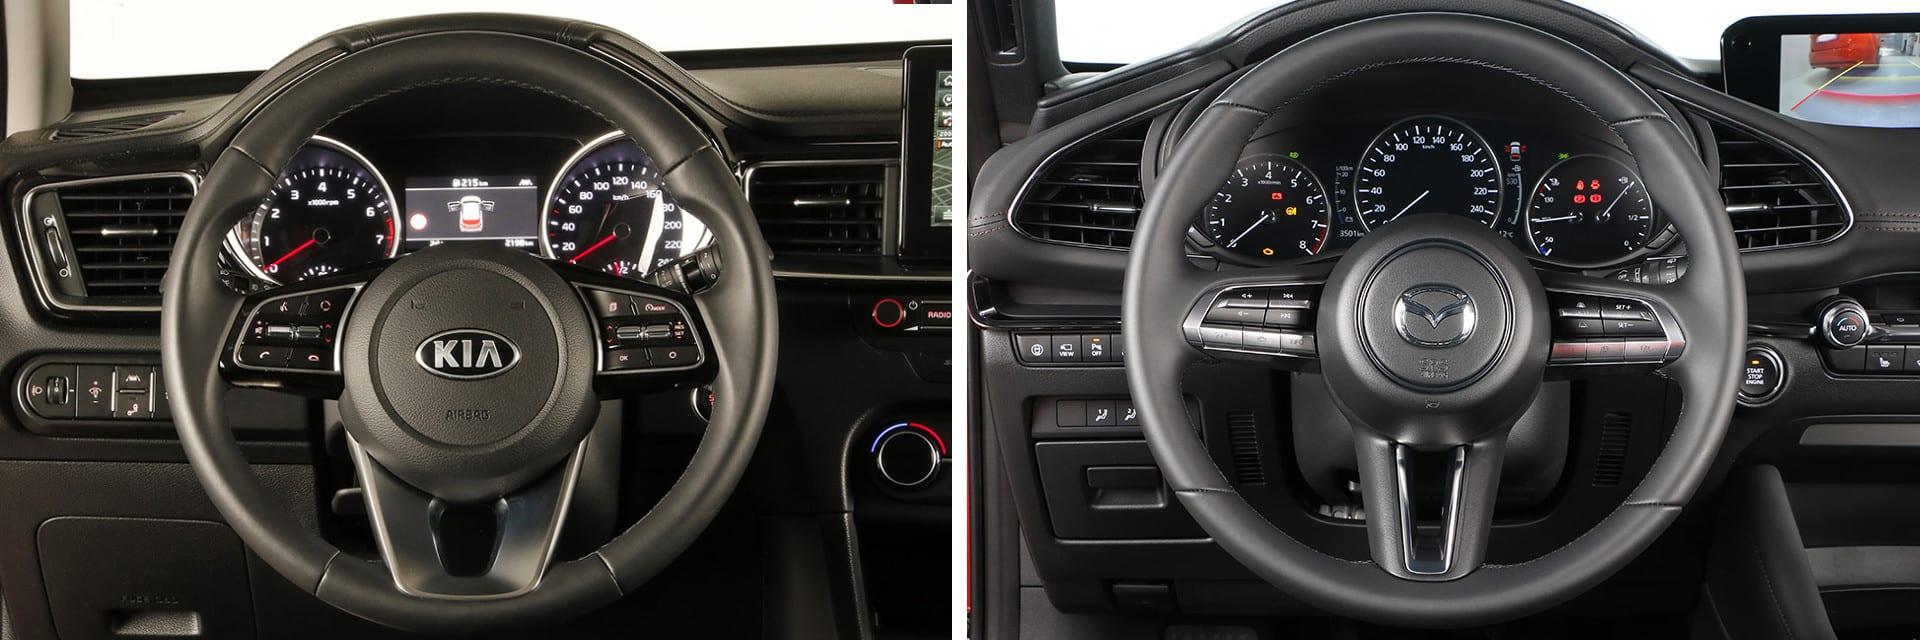 Ambos vehículos tienen numerosos ajustes en el puesto de conducción, lo que permite estar a gusto a los mandos.